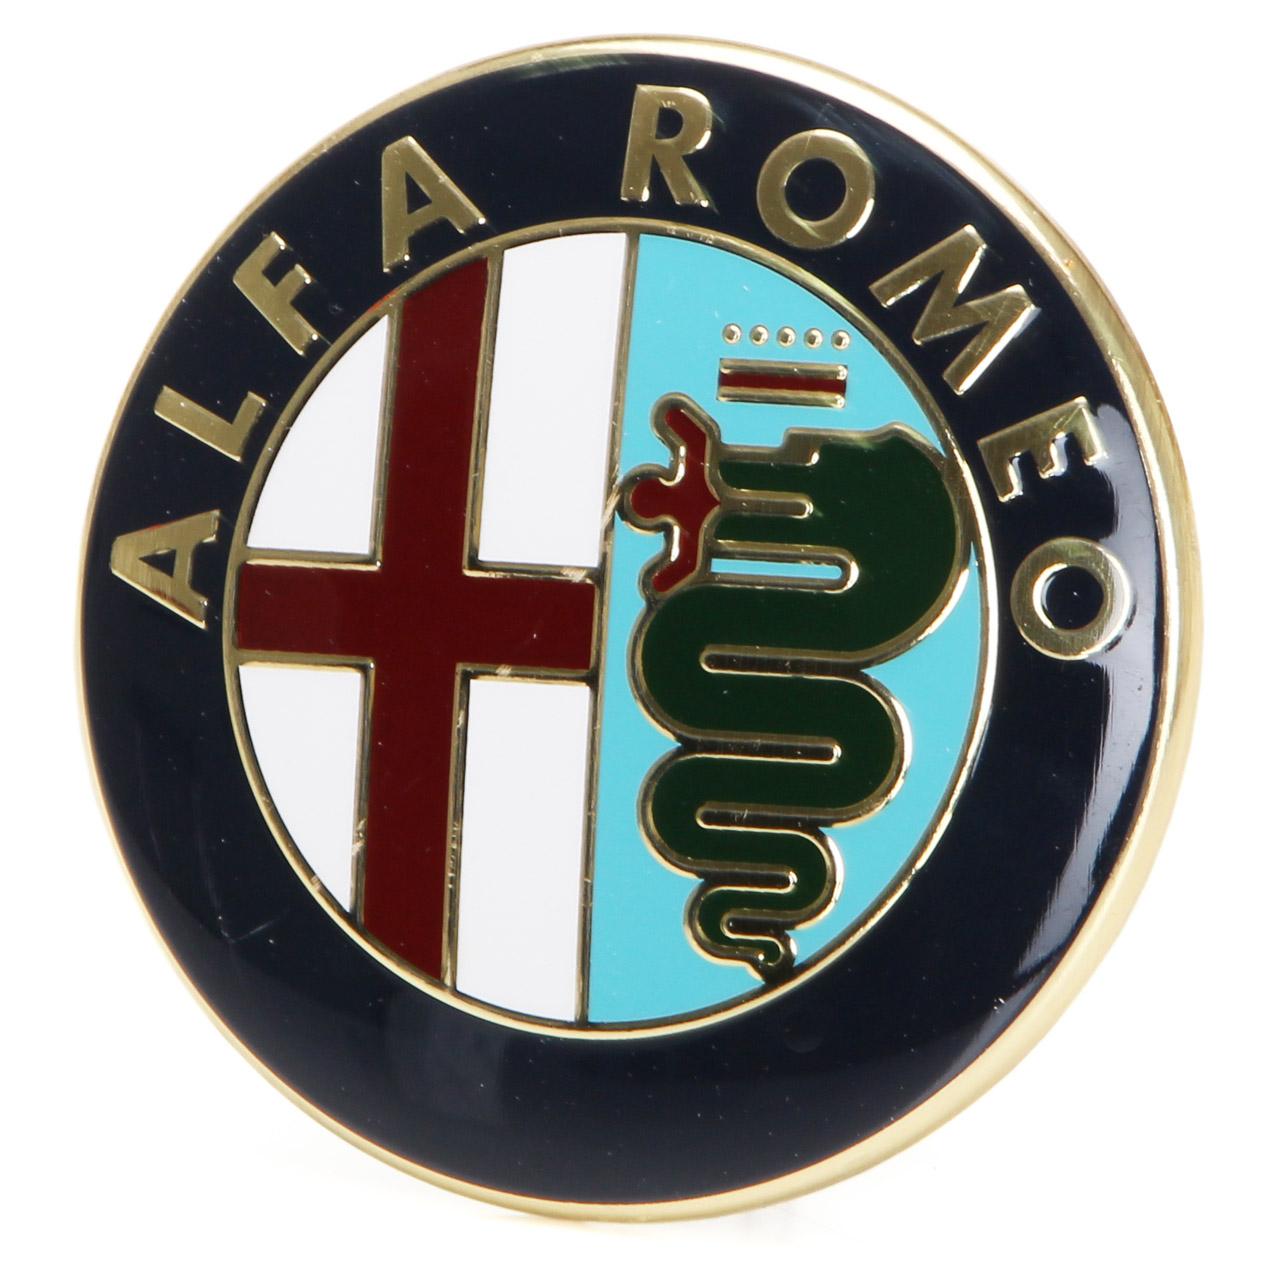 ORIGINAL Alfa Romeo Emblem Logo 145 146 (930) 155 (167) 156 (932) 164 156045004